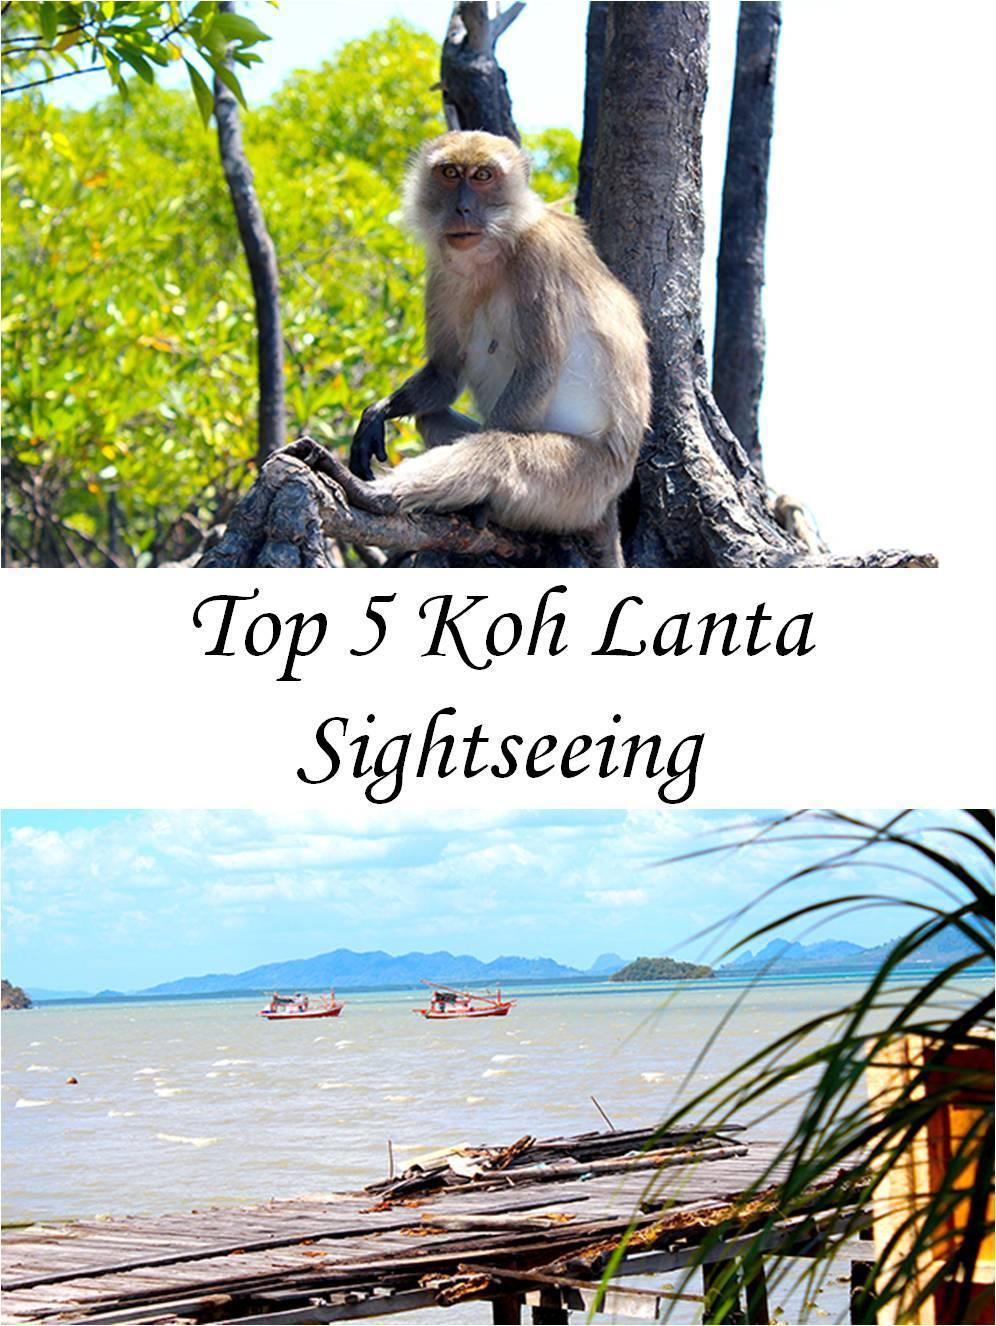 Top 5 Koh Lanta Sightseeing Tip Thailand Sehenswürdigkeiten 2